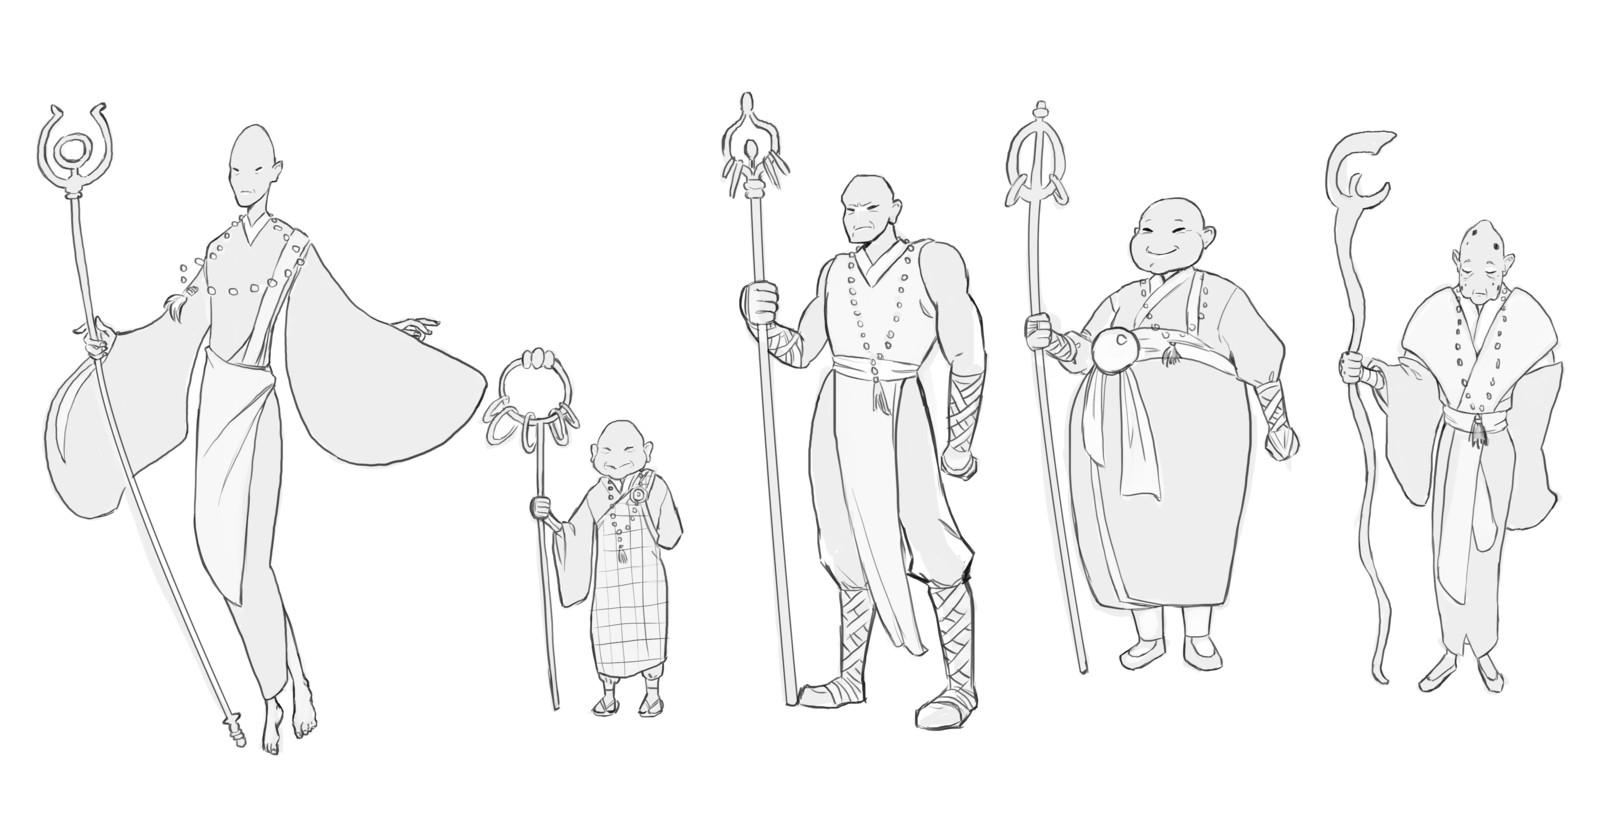 Monk concept